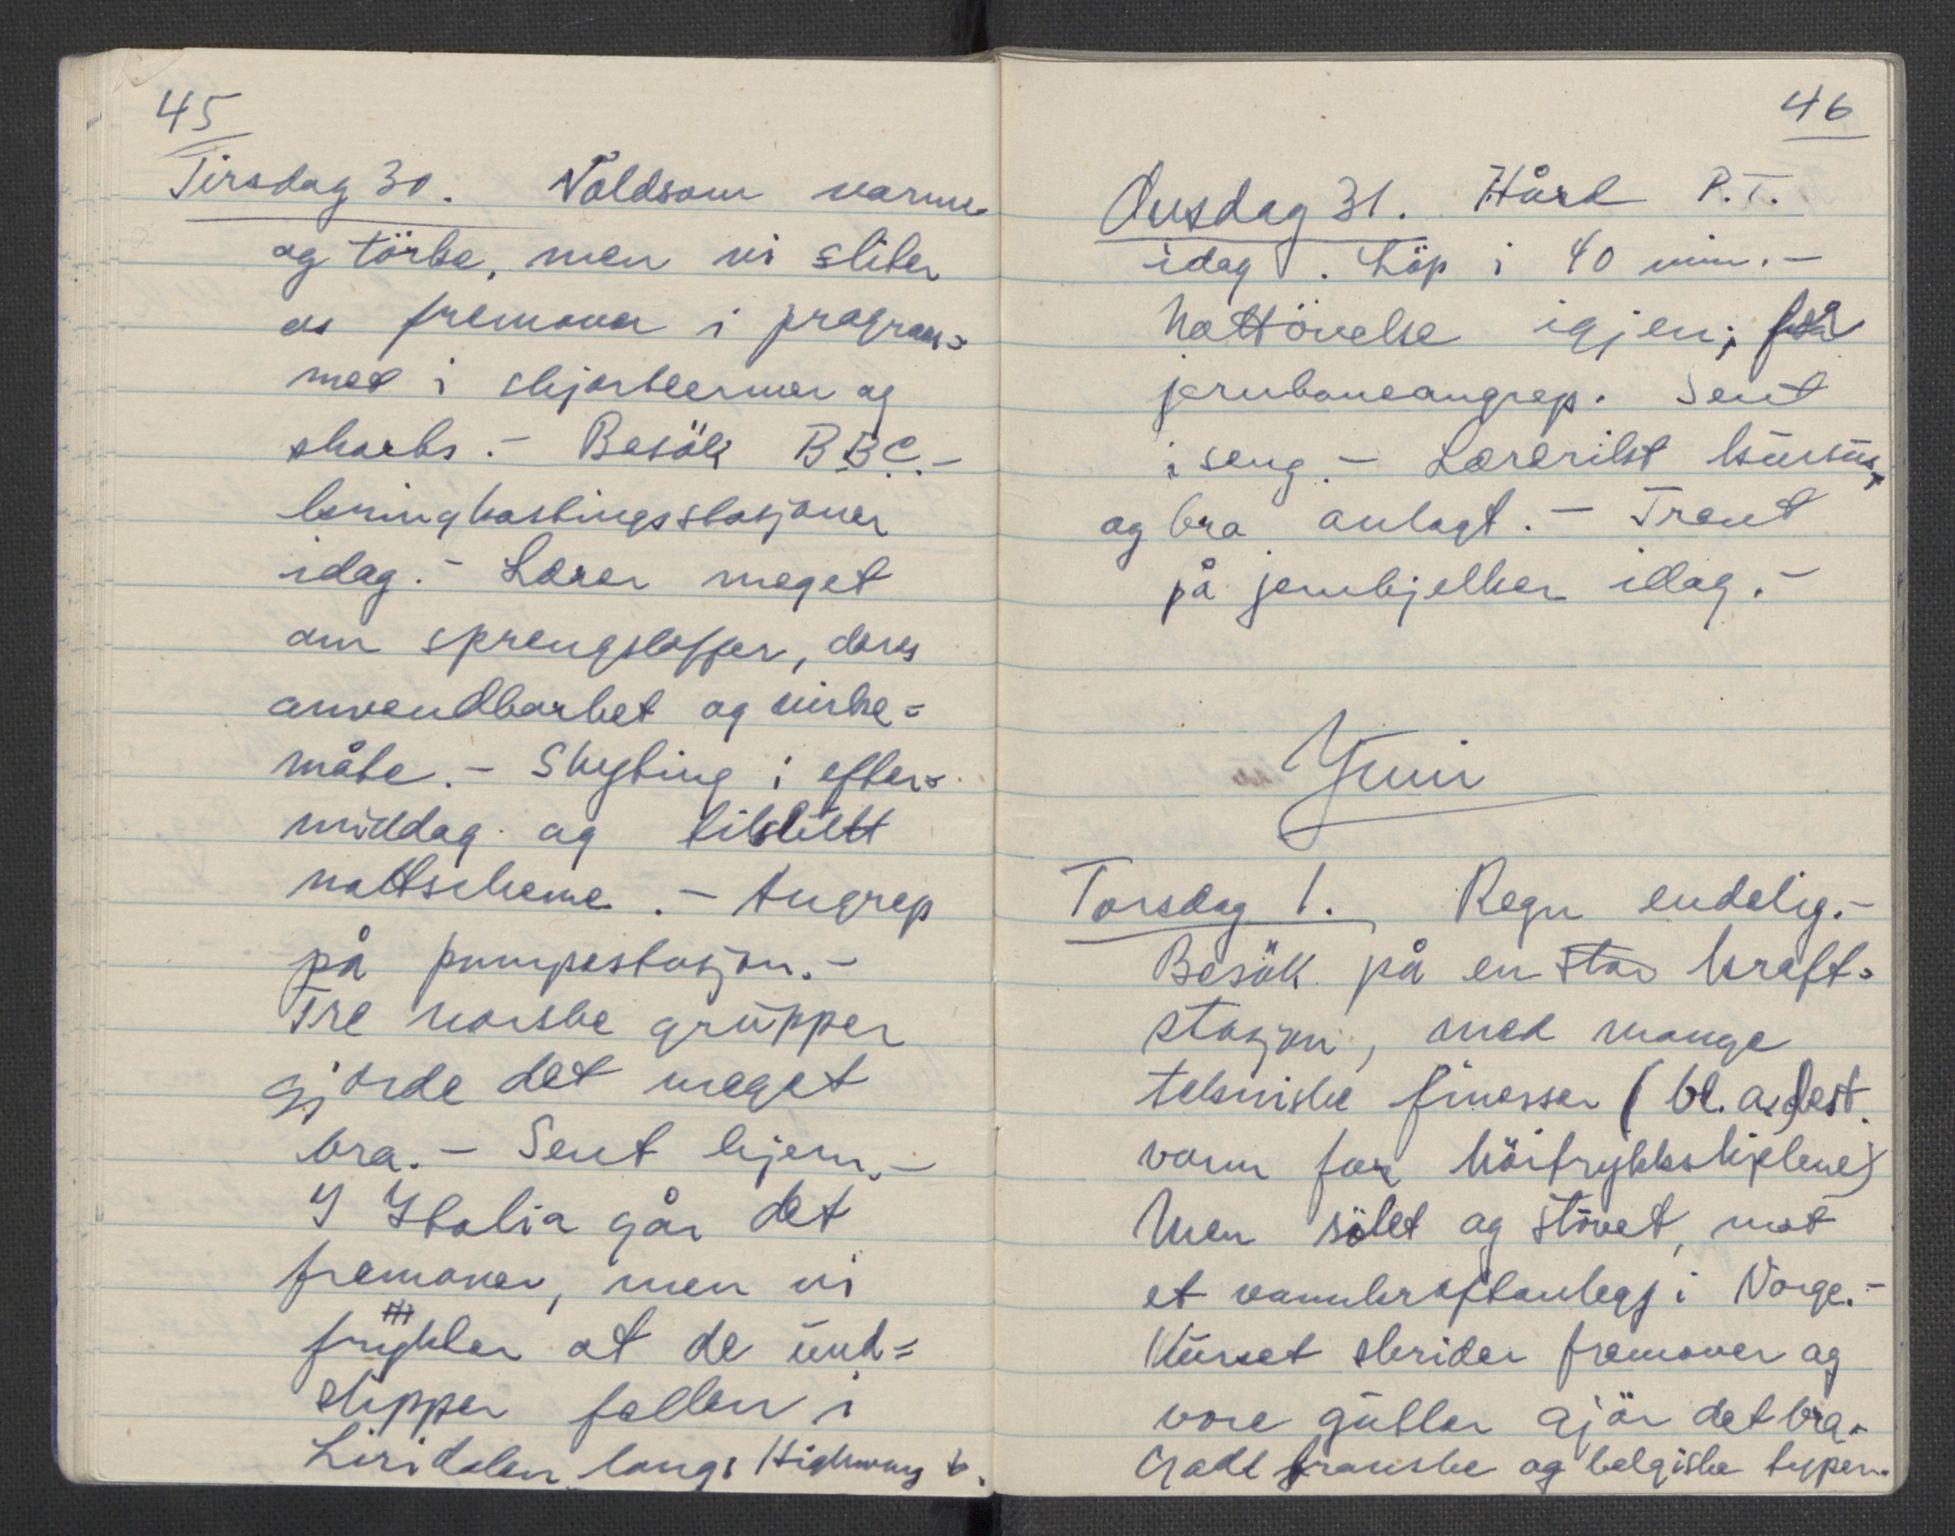 RA, Tronstad, Leif, F/L0001: Dagbøker, 1941-1945, s. 704